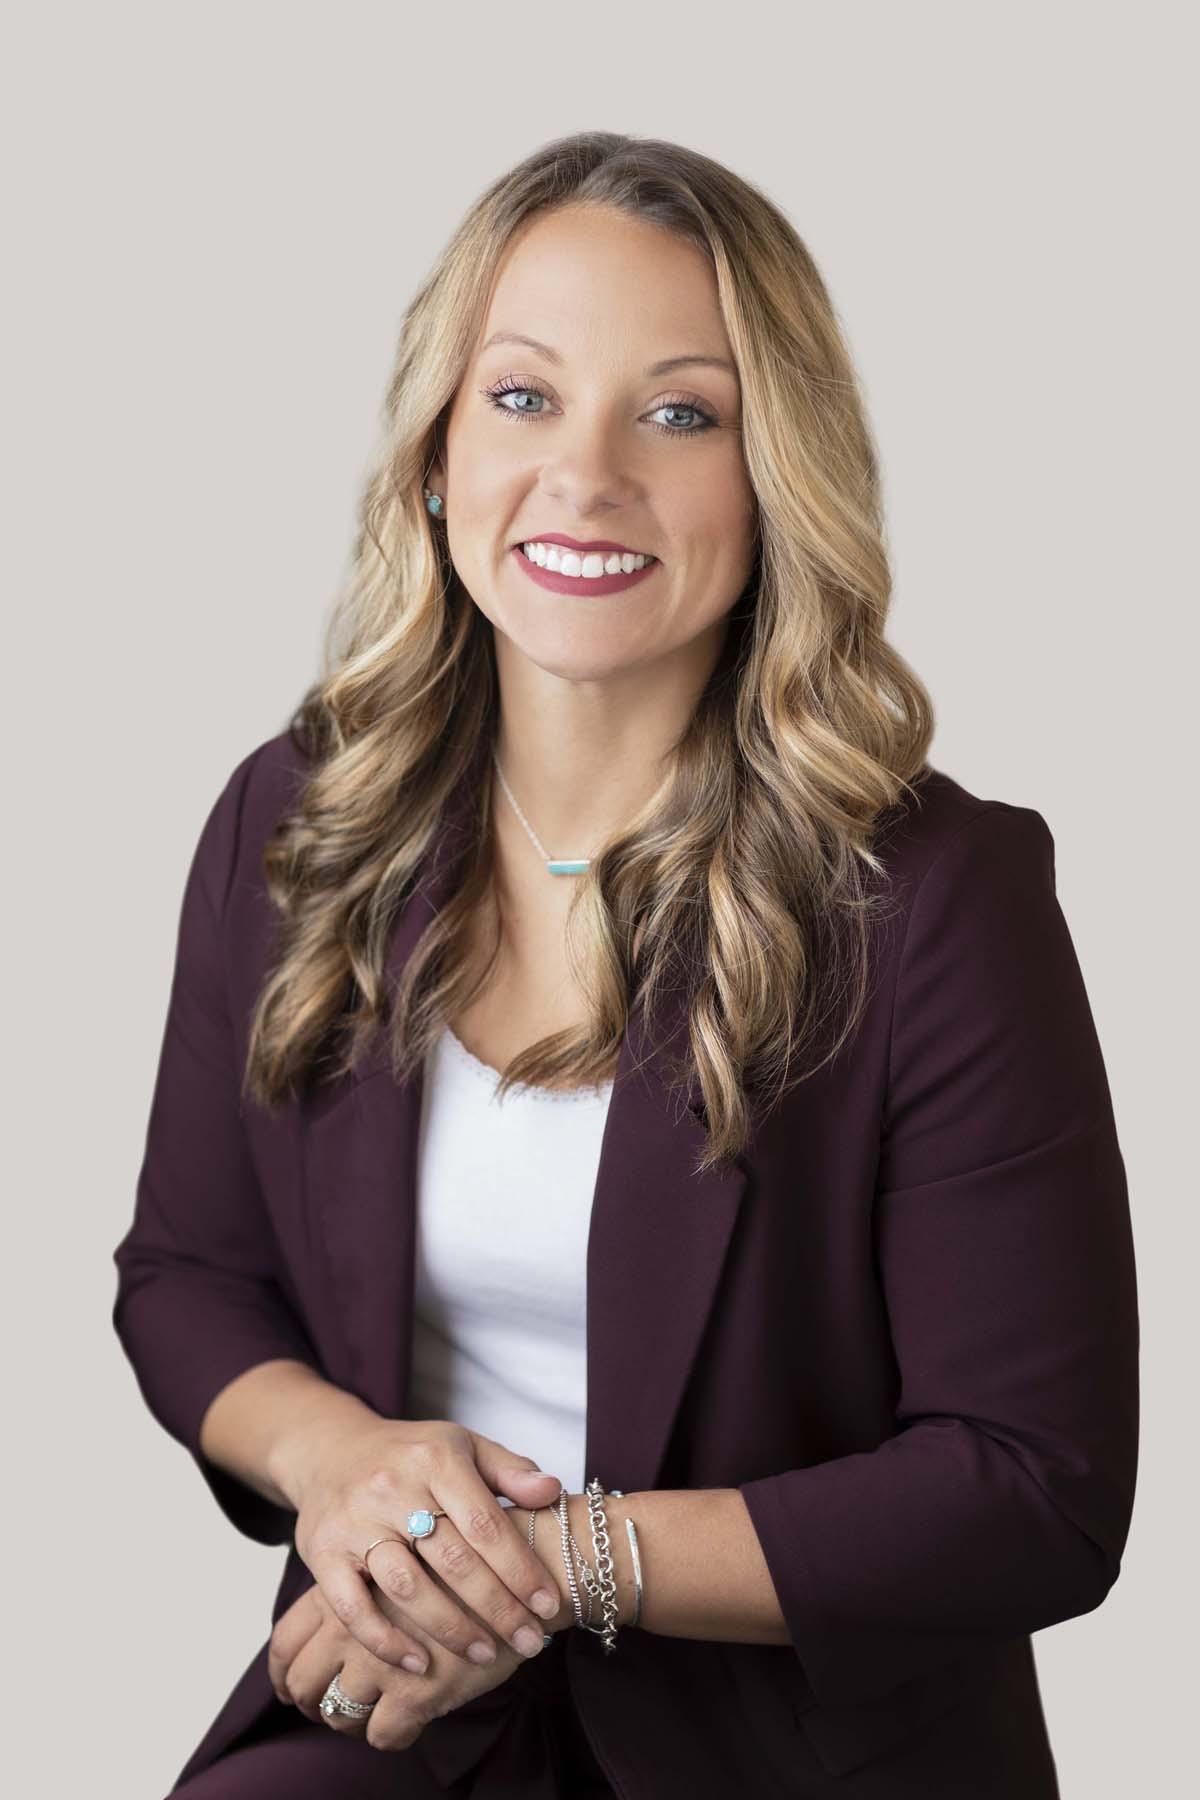 Erica Hines